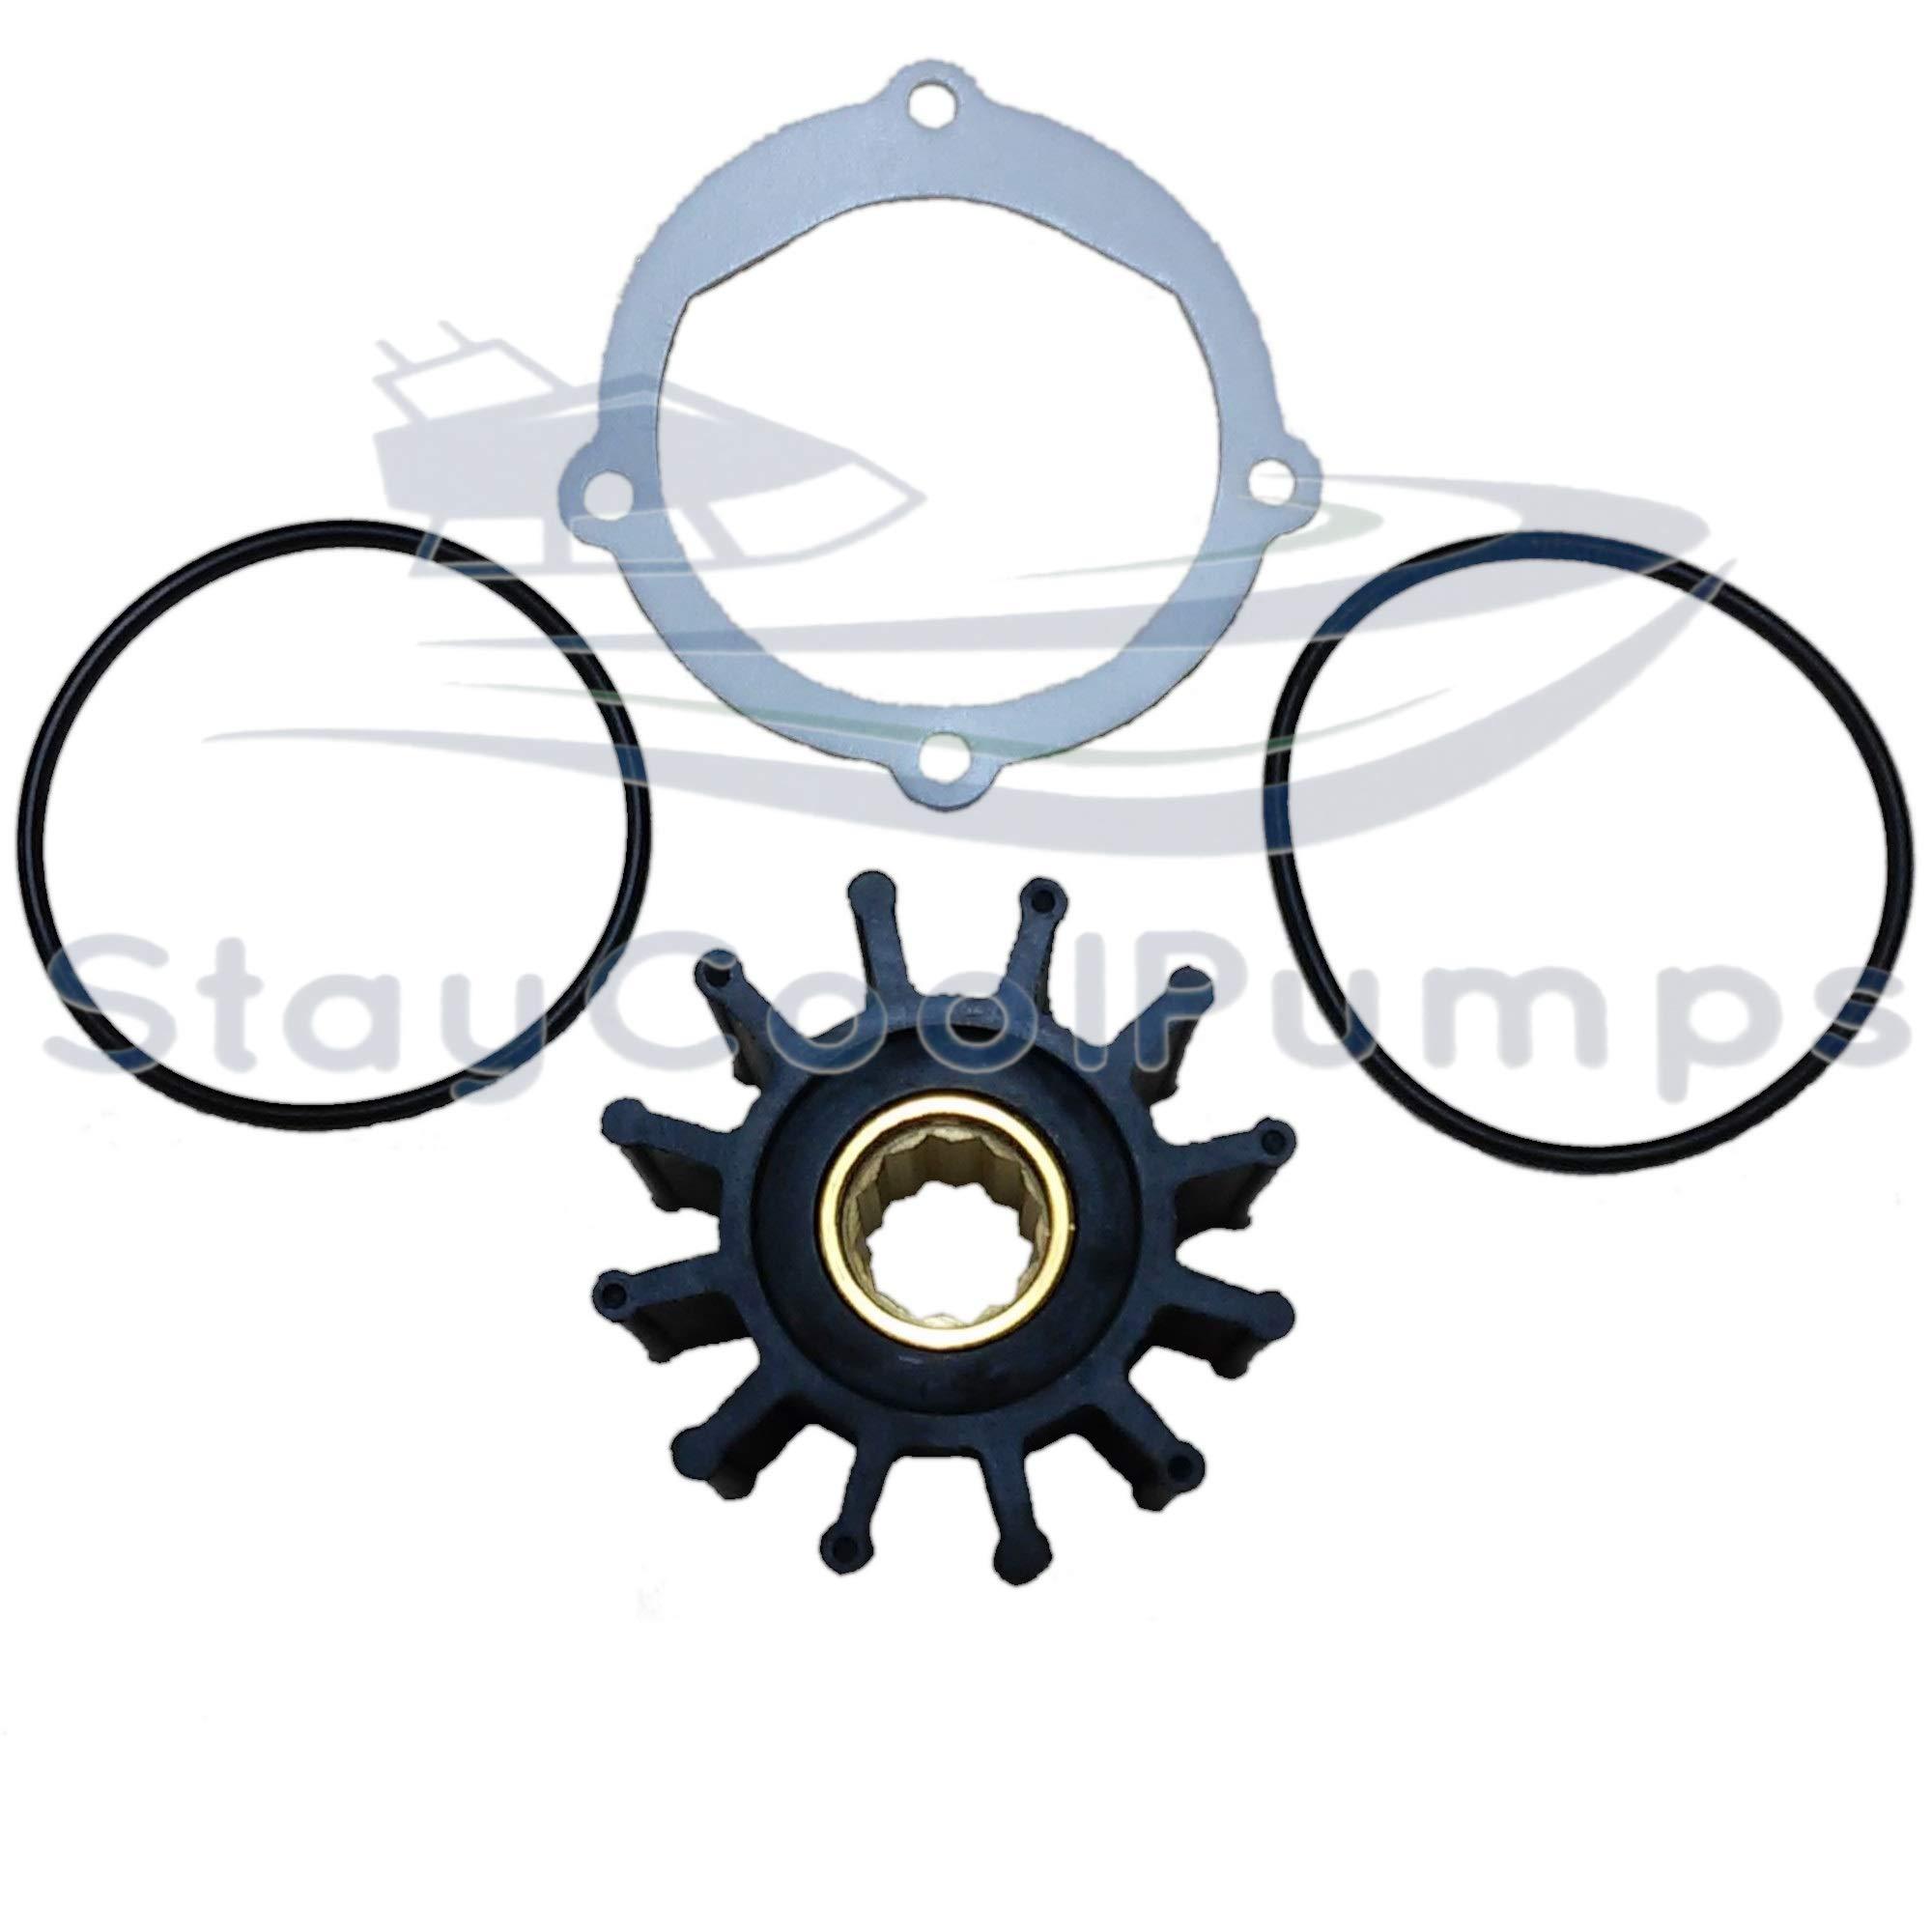 StayCoolPumps Impeller Kit Replaces Johnson 09-812B-1 Jabsco 13554-0001-P Sierra 18-3306